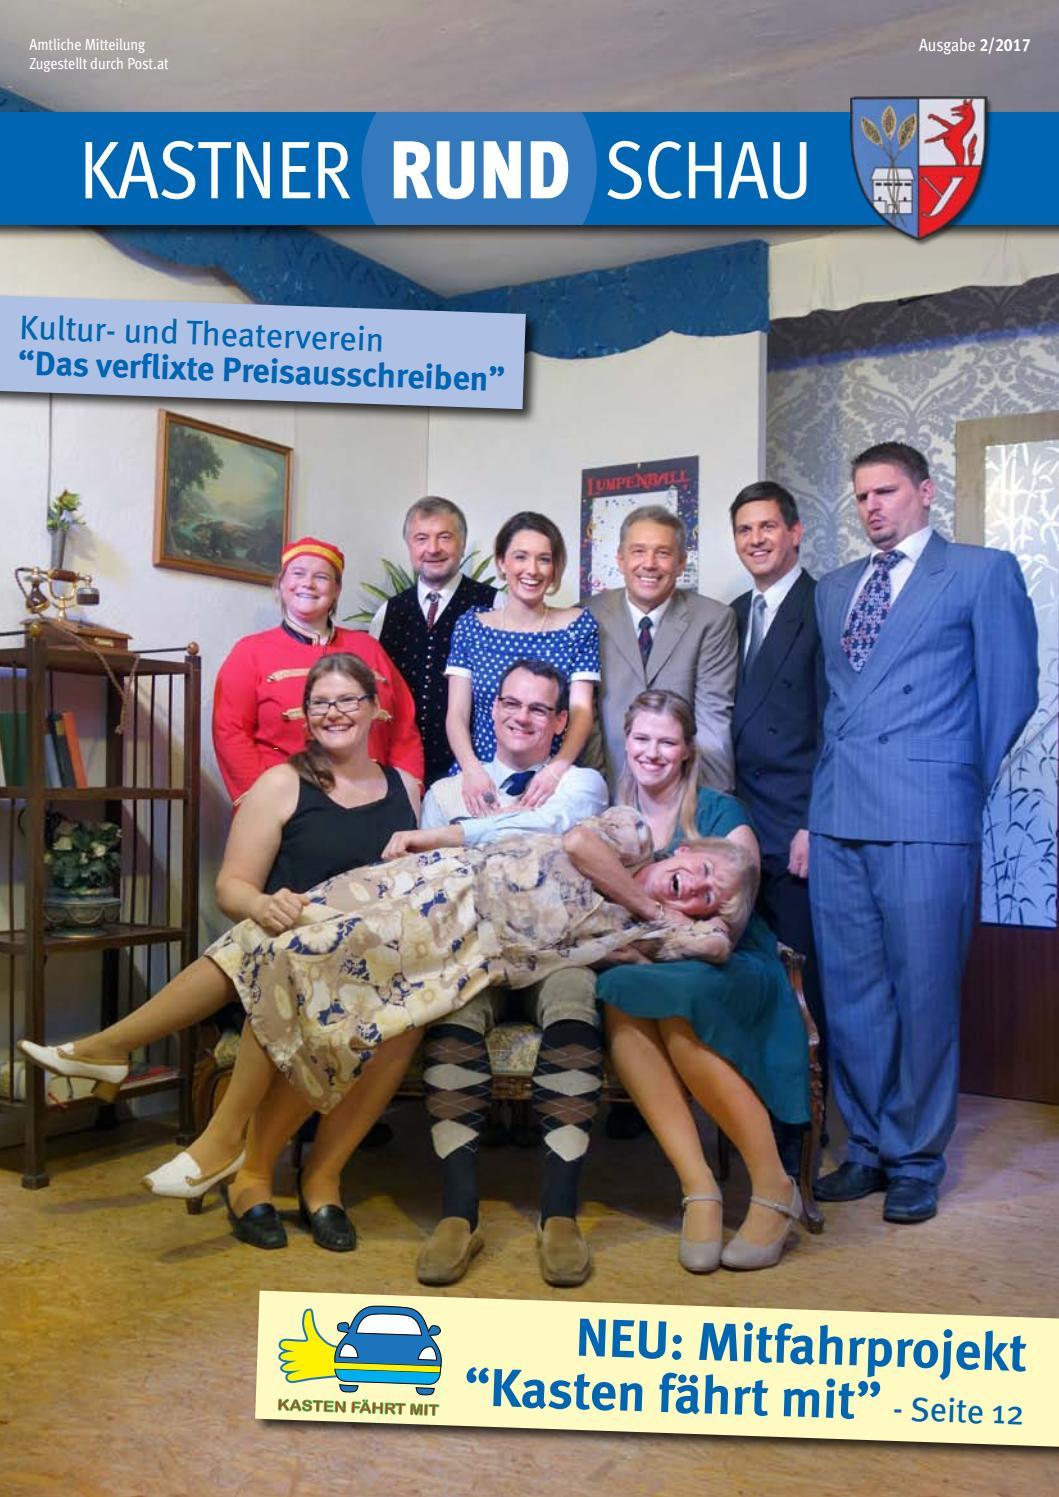 Partnerschaften & Kontakte in Bheimkirchen - kostenlose